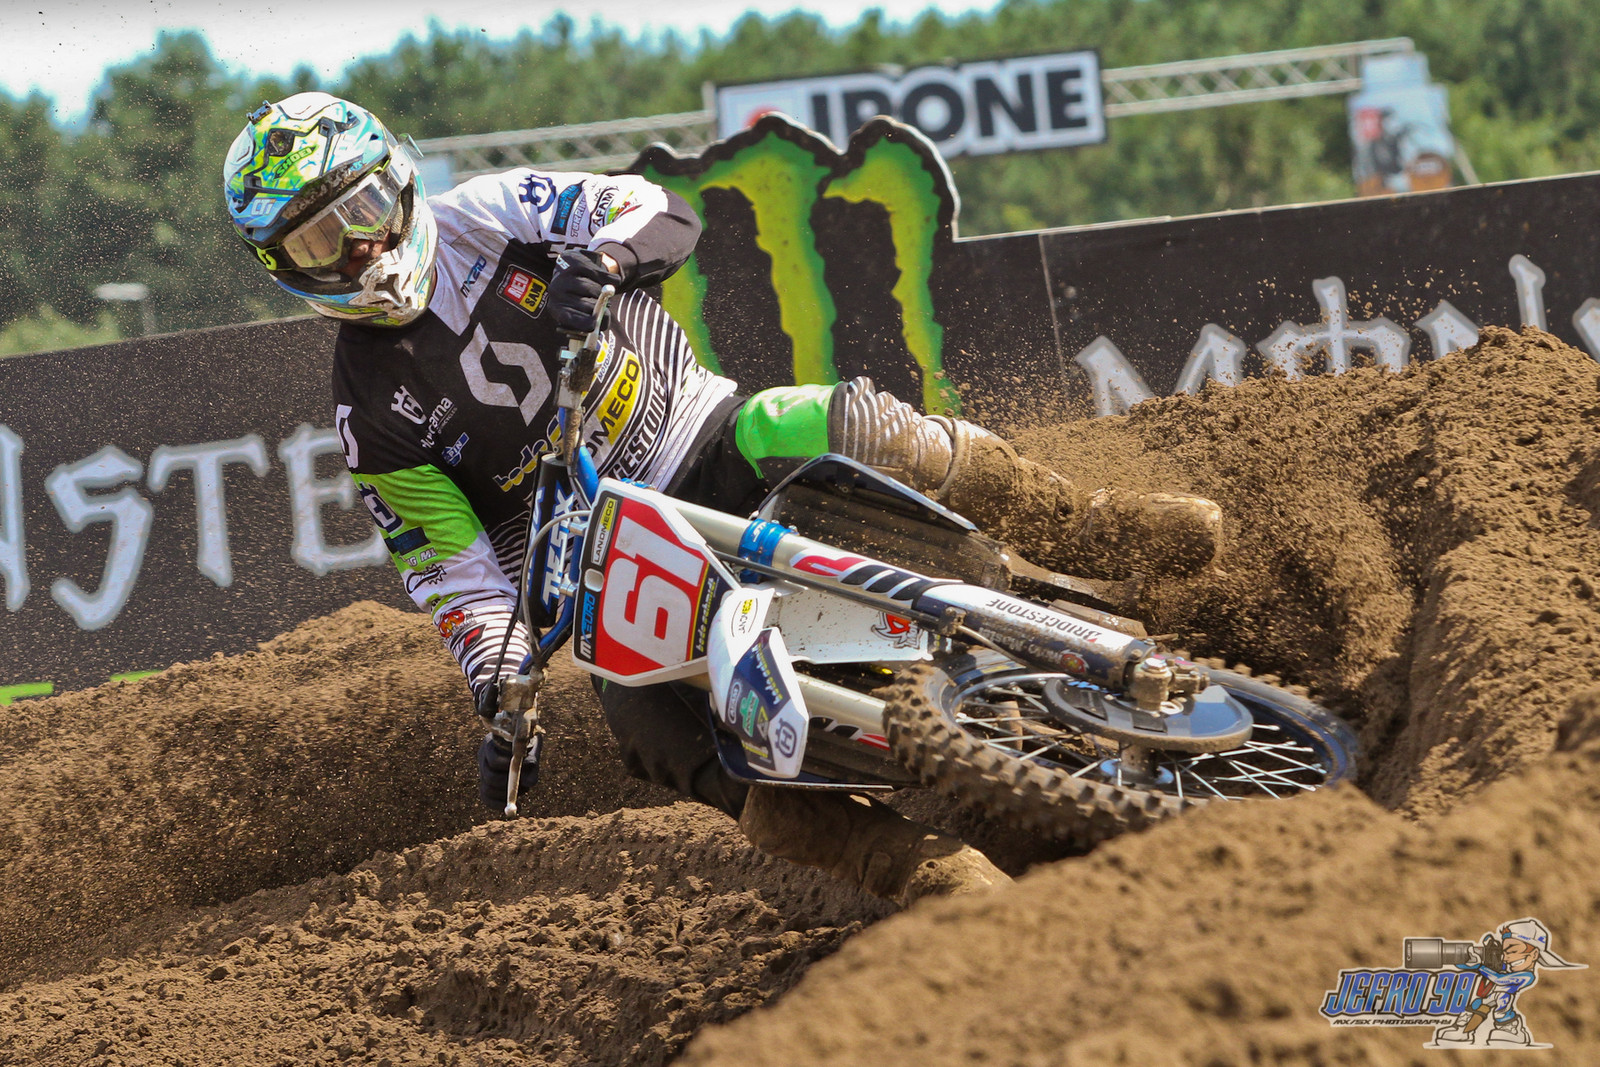 Stefan Kjer Olsen - Photo Gallery: MXGP of Limburg - Motocross Pictures - Vital MX